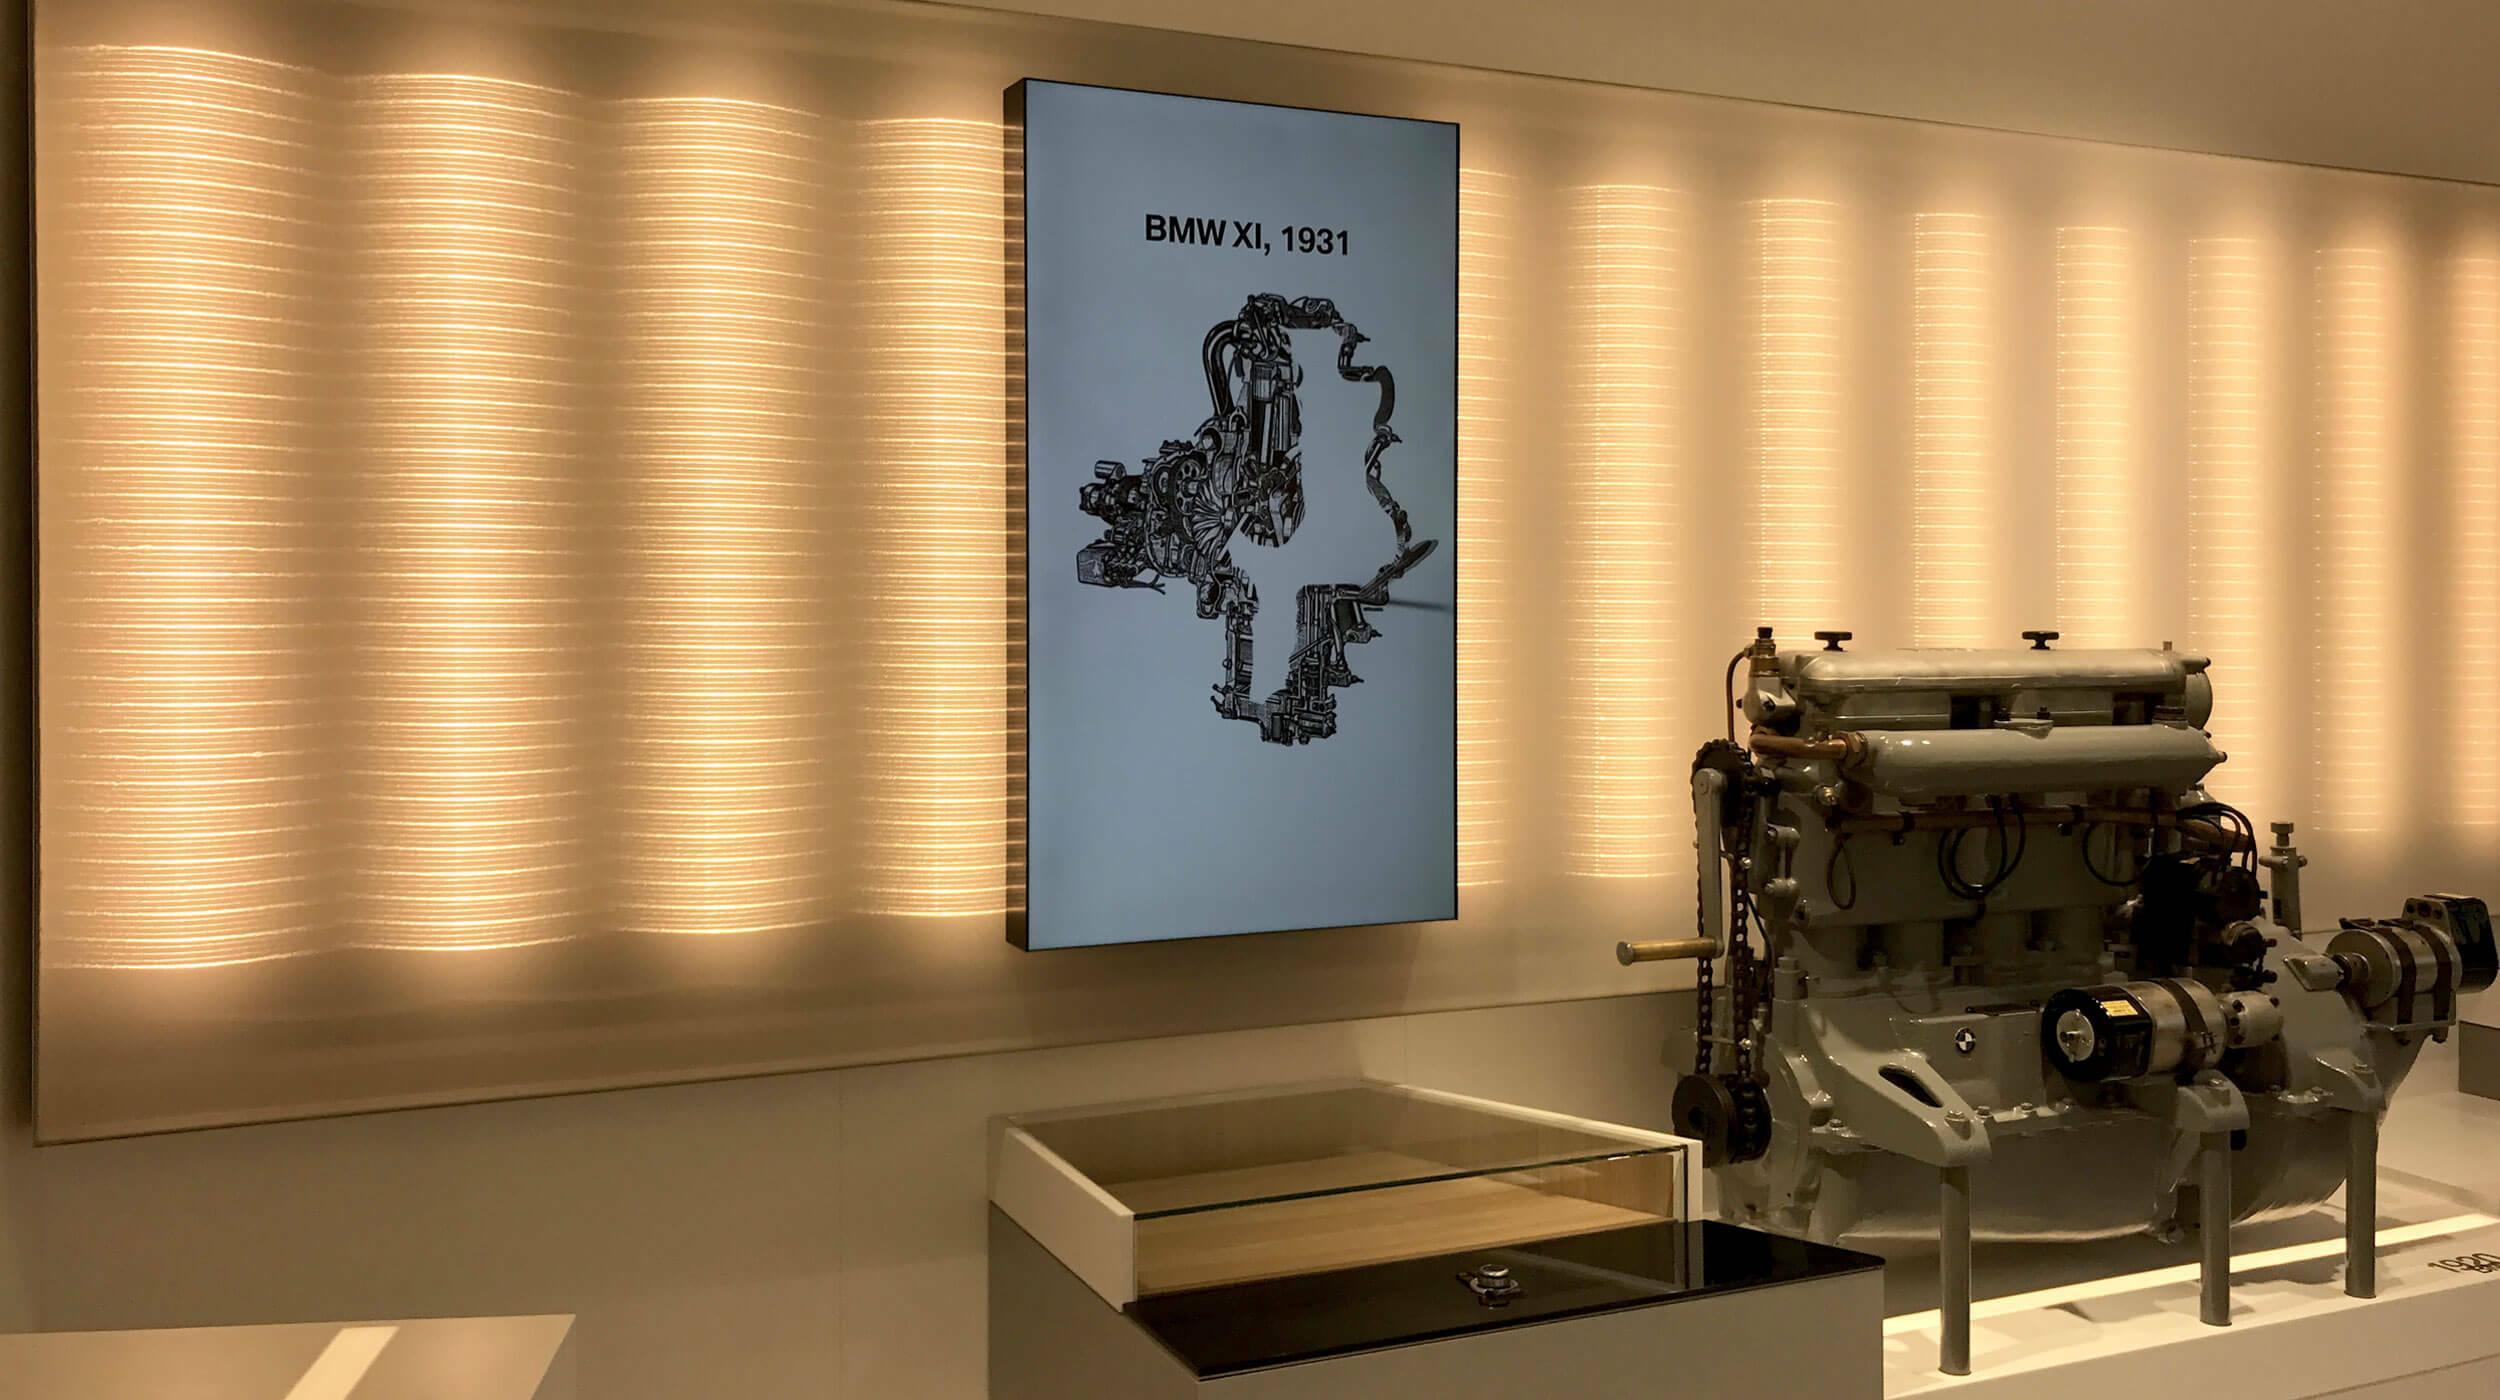 Historisches BMW Motor Exponat des BMW XI